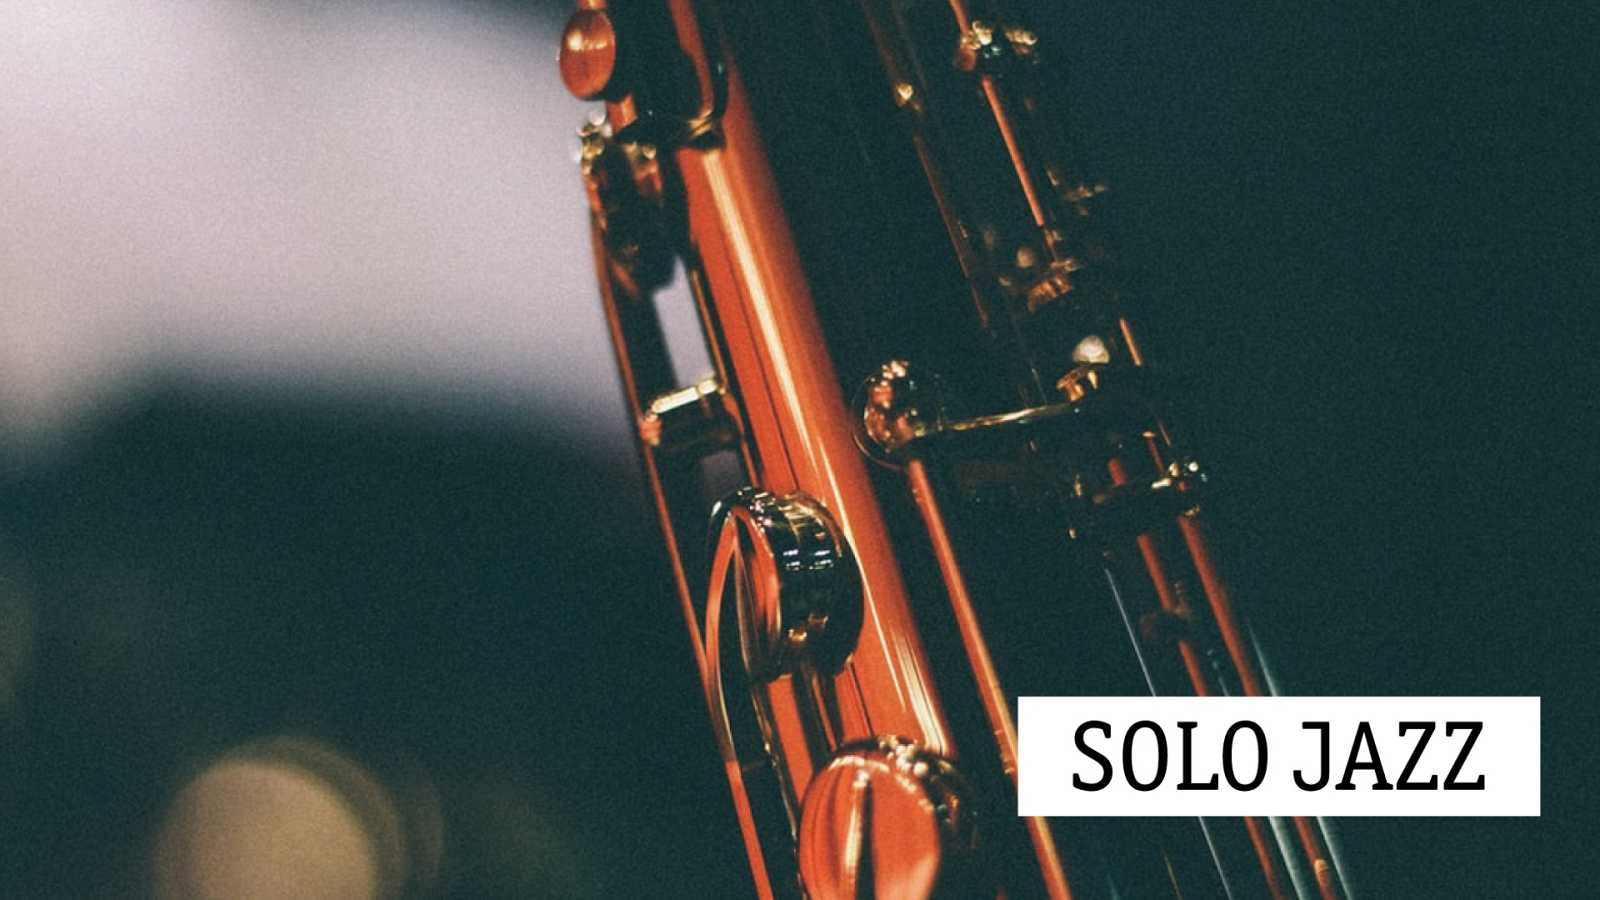 Solo jazz - Elmo Hope: Viaje al interior de la melodía - 03/05/21 - escuchar ahora